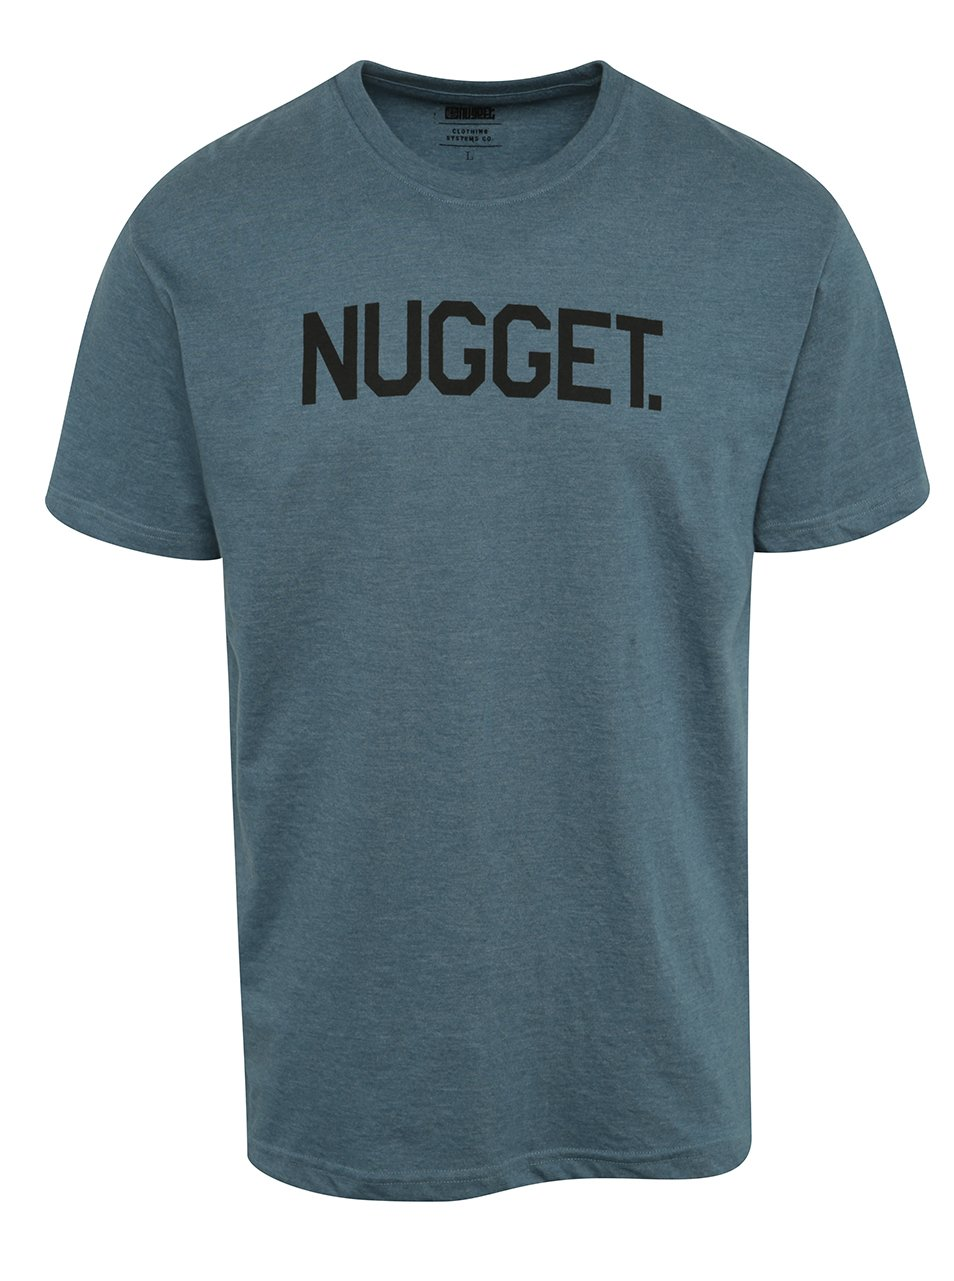 Modré pánské triko s potiskem NUGGET Logo